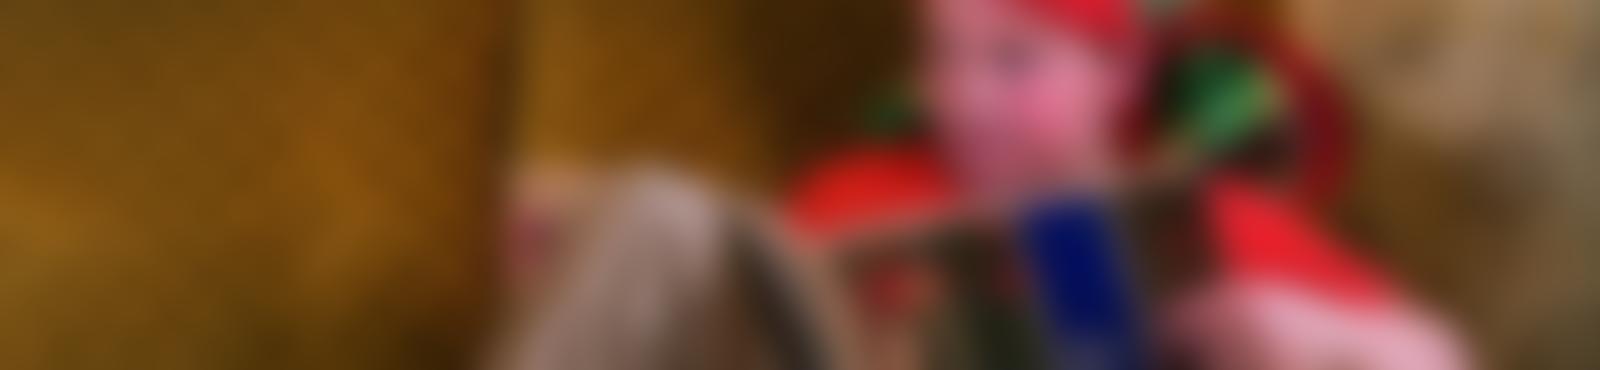 Blurred 6d0afcf2 f007 4c7e 8c90 fecbb4683388